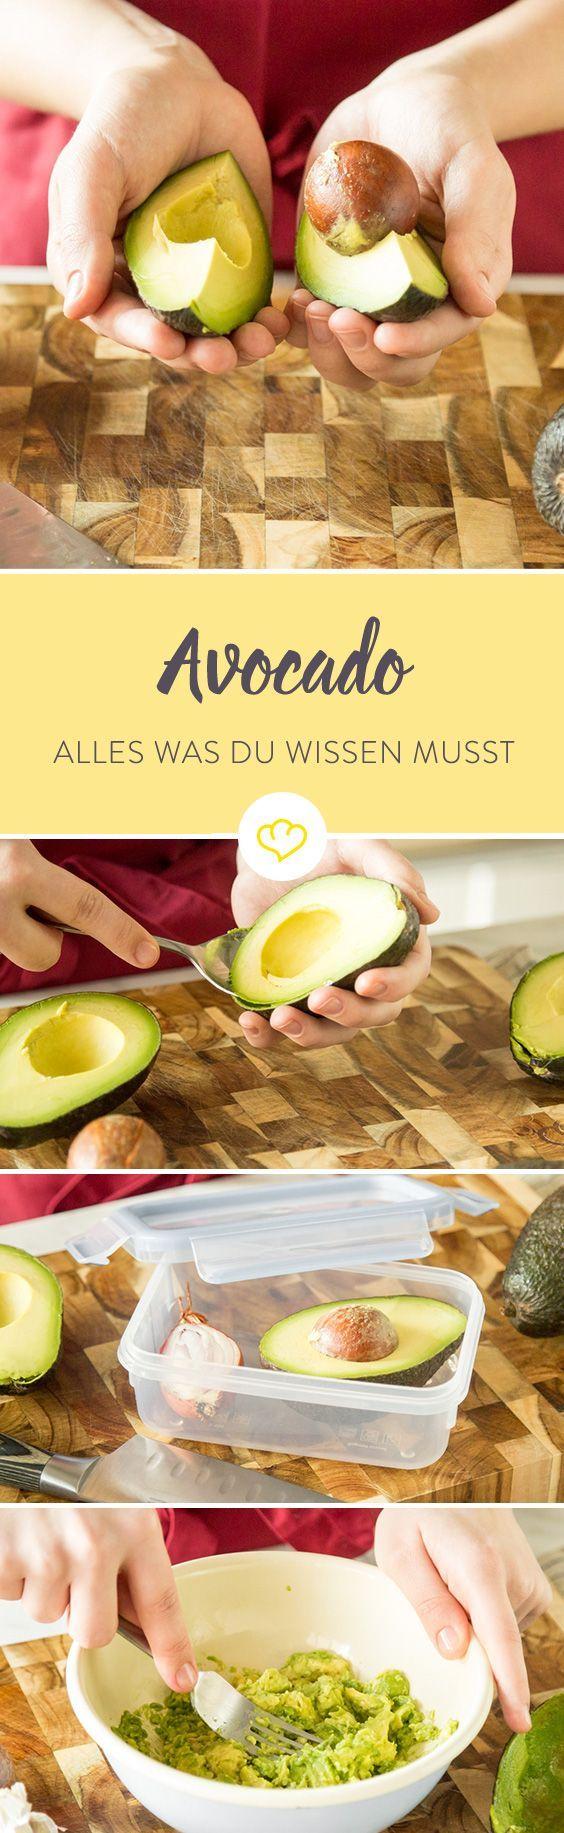 """Grün, cremig und gesund – so kennst du sie, die Avocado, die """"Mutter aller Superfoods"""". Doch was steckt wirklich unter ihrer dunklen Schale und warum genau ist sie überhaupt so gesund? Sind wir zu Recht alle Avocado-verrückt?"""